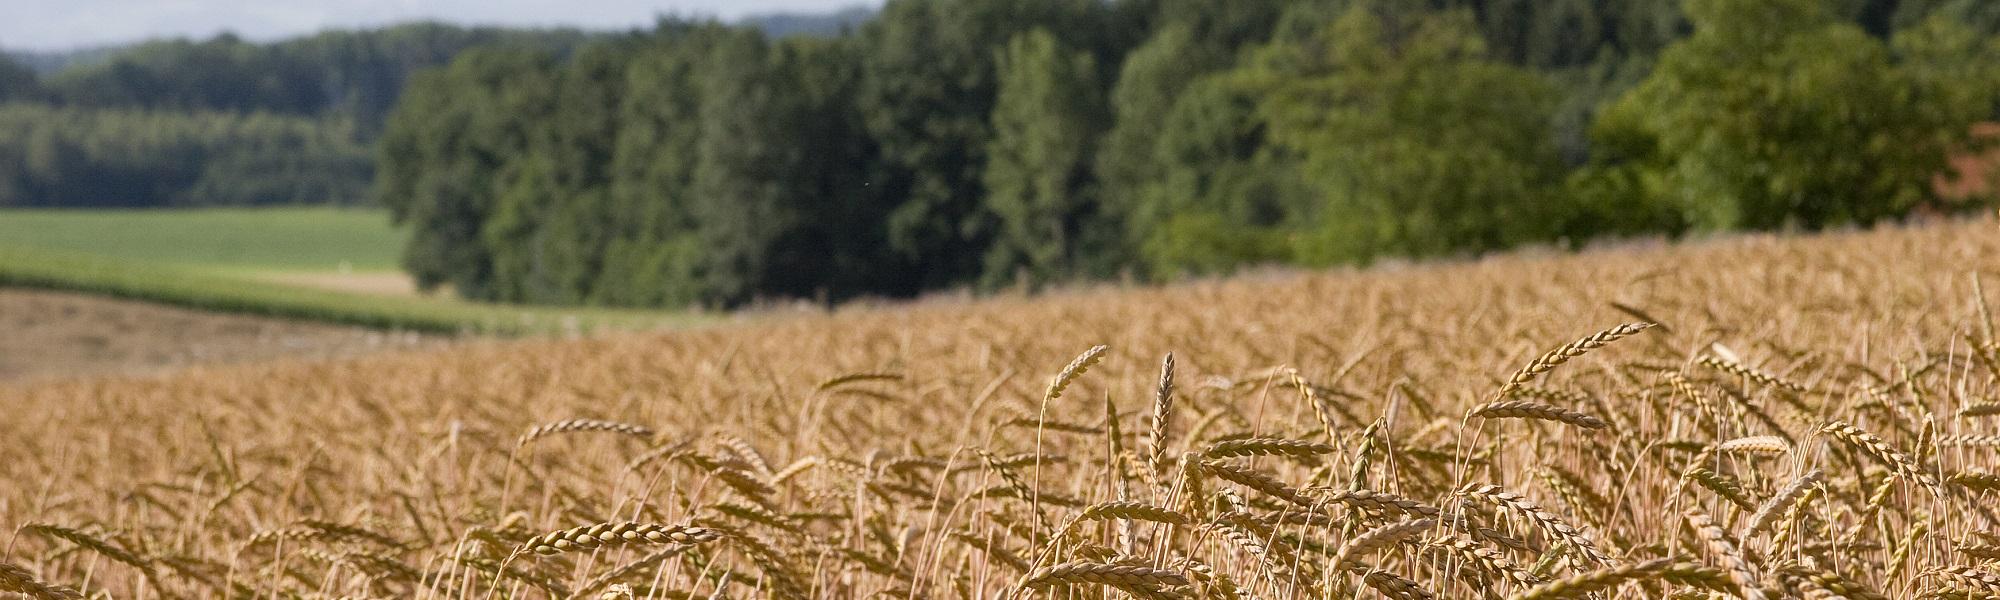 Über 60 ha Anbaufläche